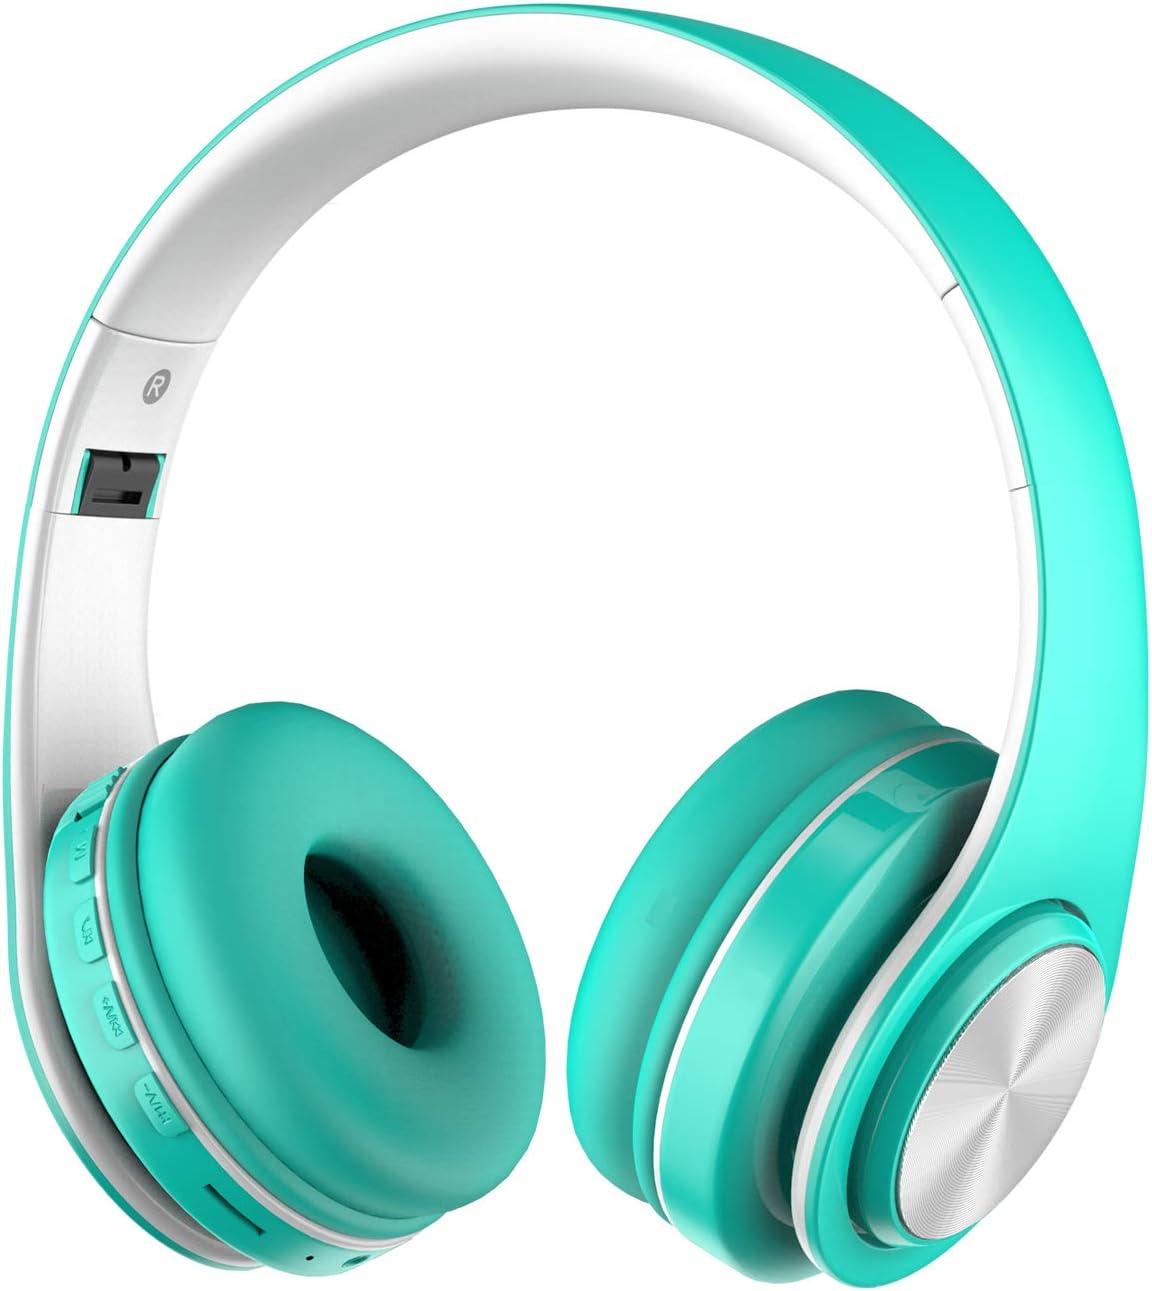 Alitoo Auriculares Inalámbricos Bluetooth Estéreo Plegable Auriculares de Diadema con Micrófono Cancelación de Ruido sobre Oreja Cascos para iPhone,PC,TV,Tableta,Android,MP3 y MP4 (White&Lgreen): Amazon.es: Electrónica